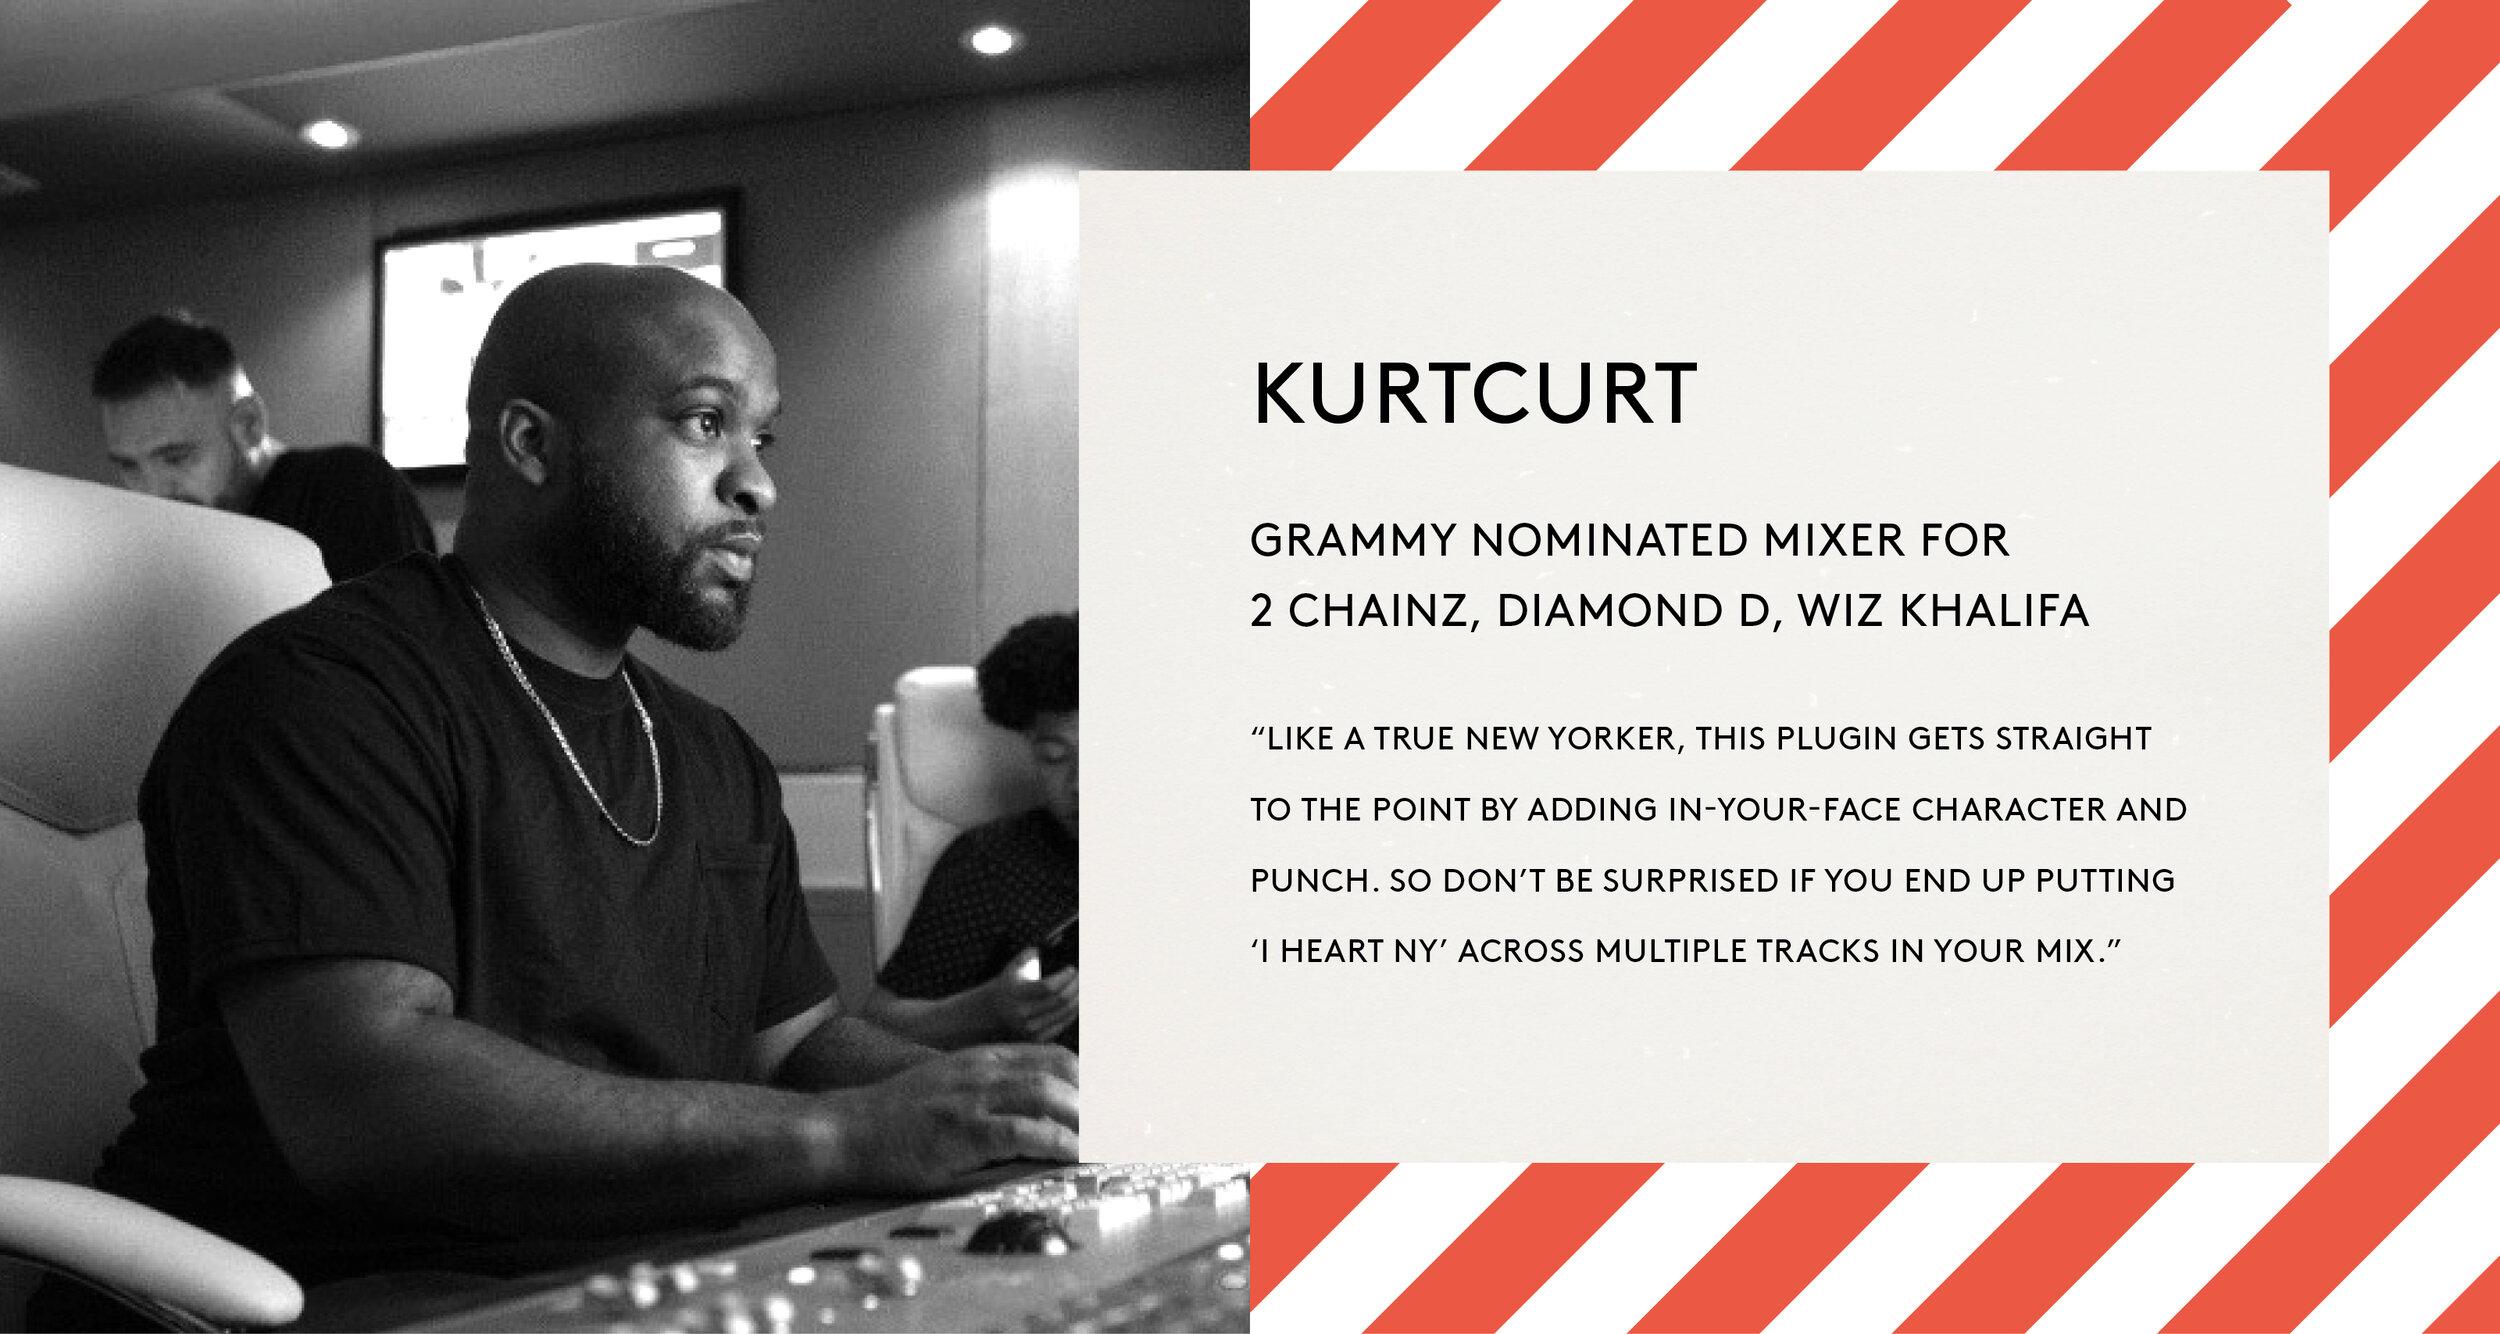 KurtCurt BABY Audio I Heart NY quote